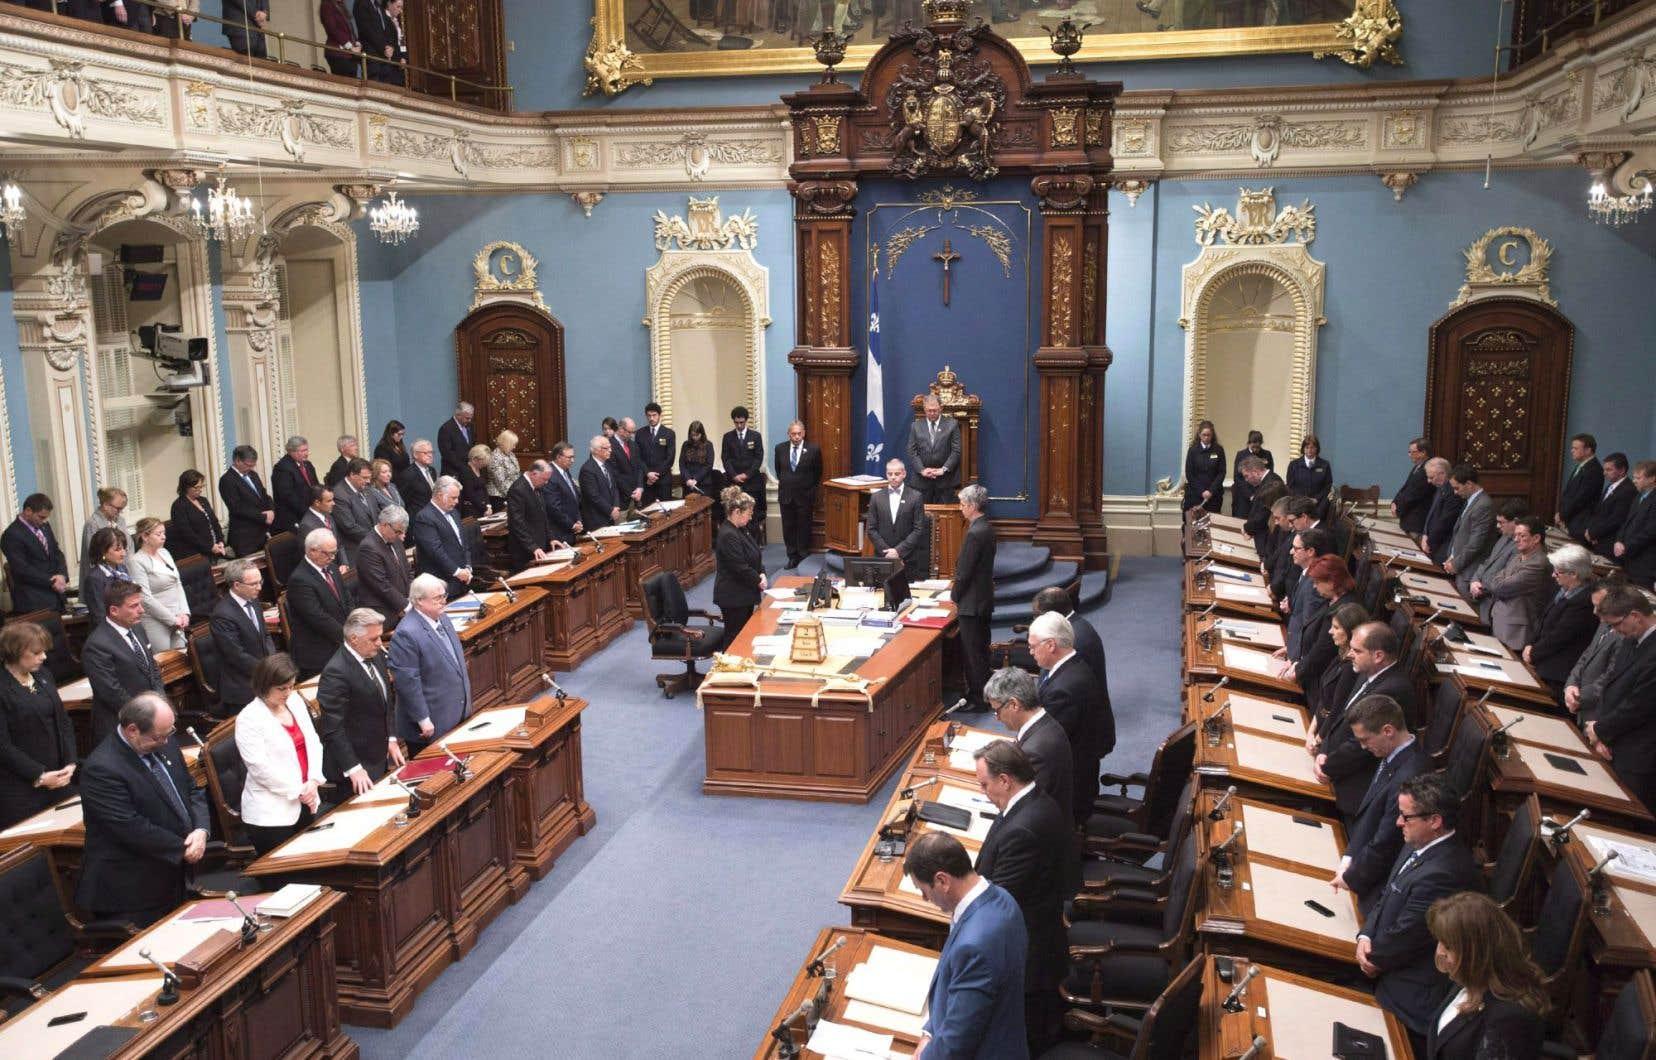 À l'Assemblée nationale du Québec, on compte 33 femmes sur 122 membres, ce qui représente un mince 27%.